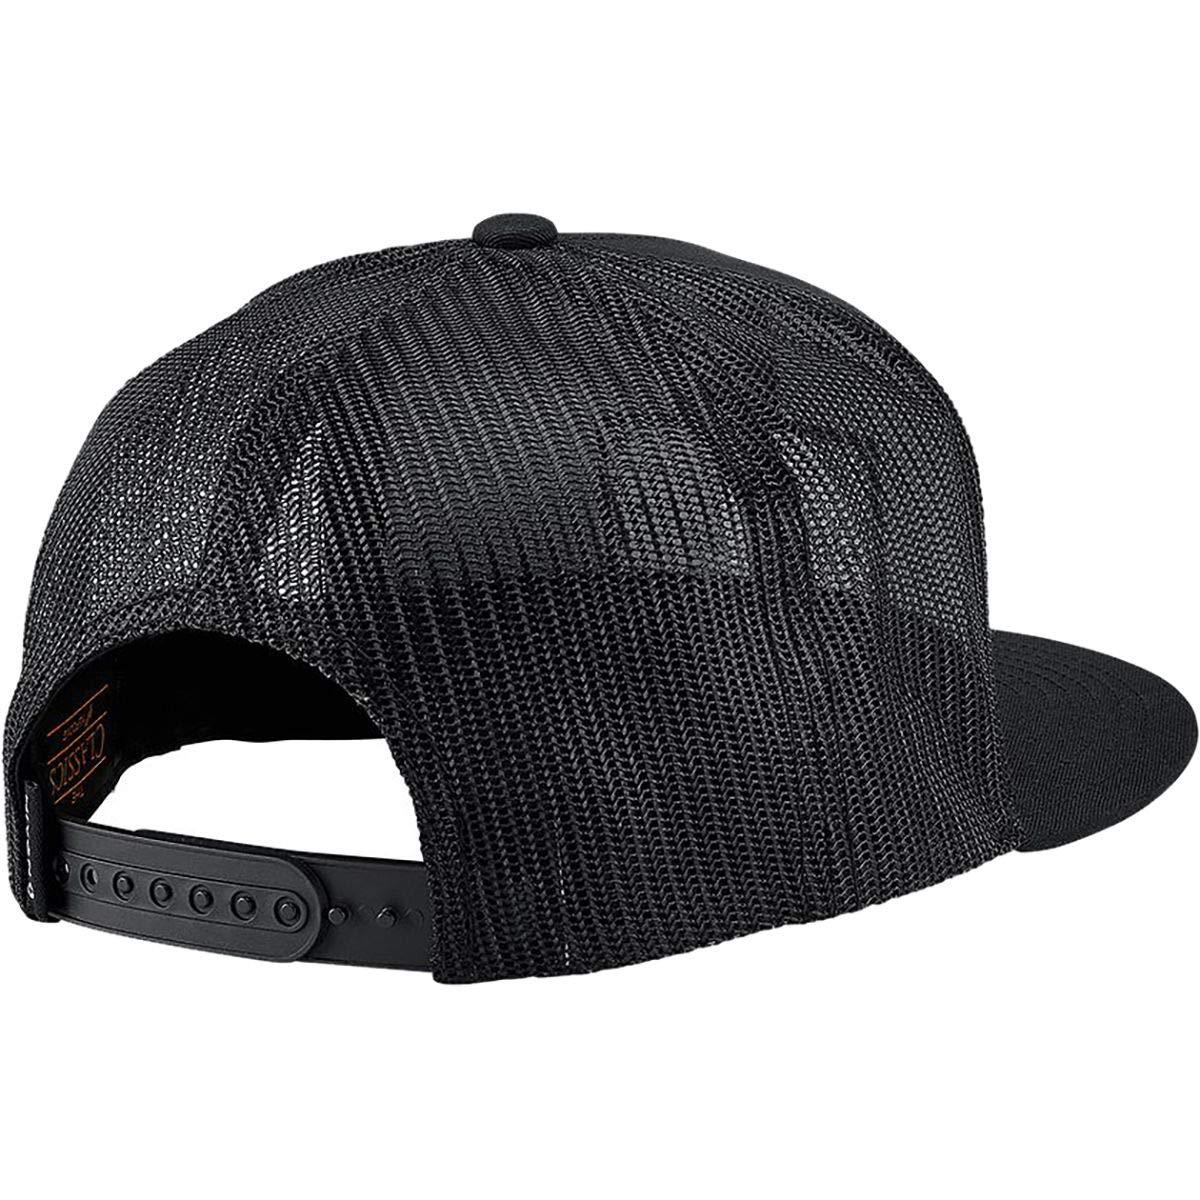 d9b73e4973c5e Amazon.com  Nixon King Trucker Snapback Hat Black White  Clothing